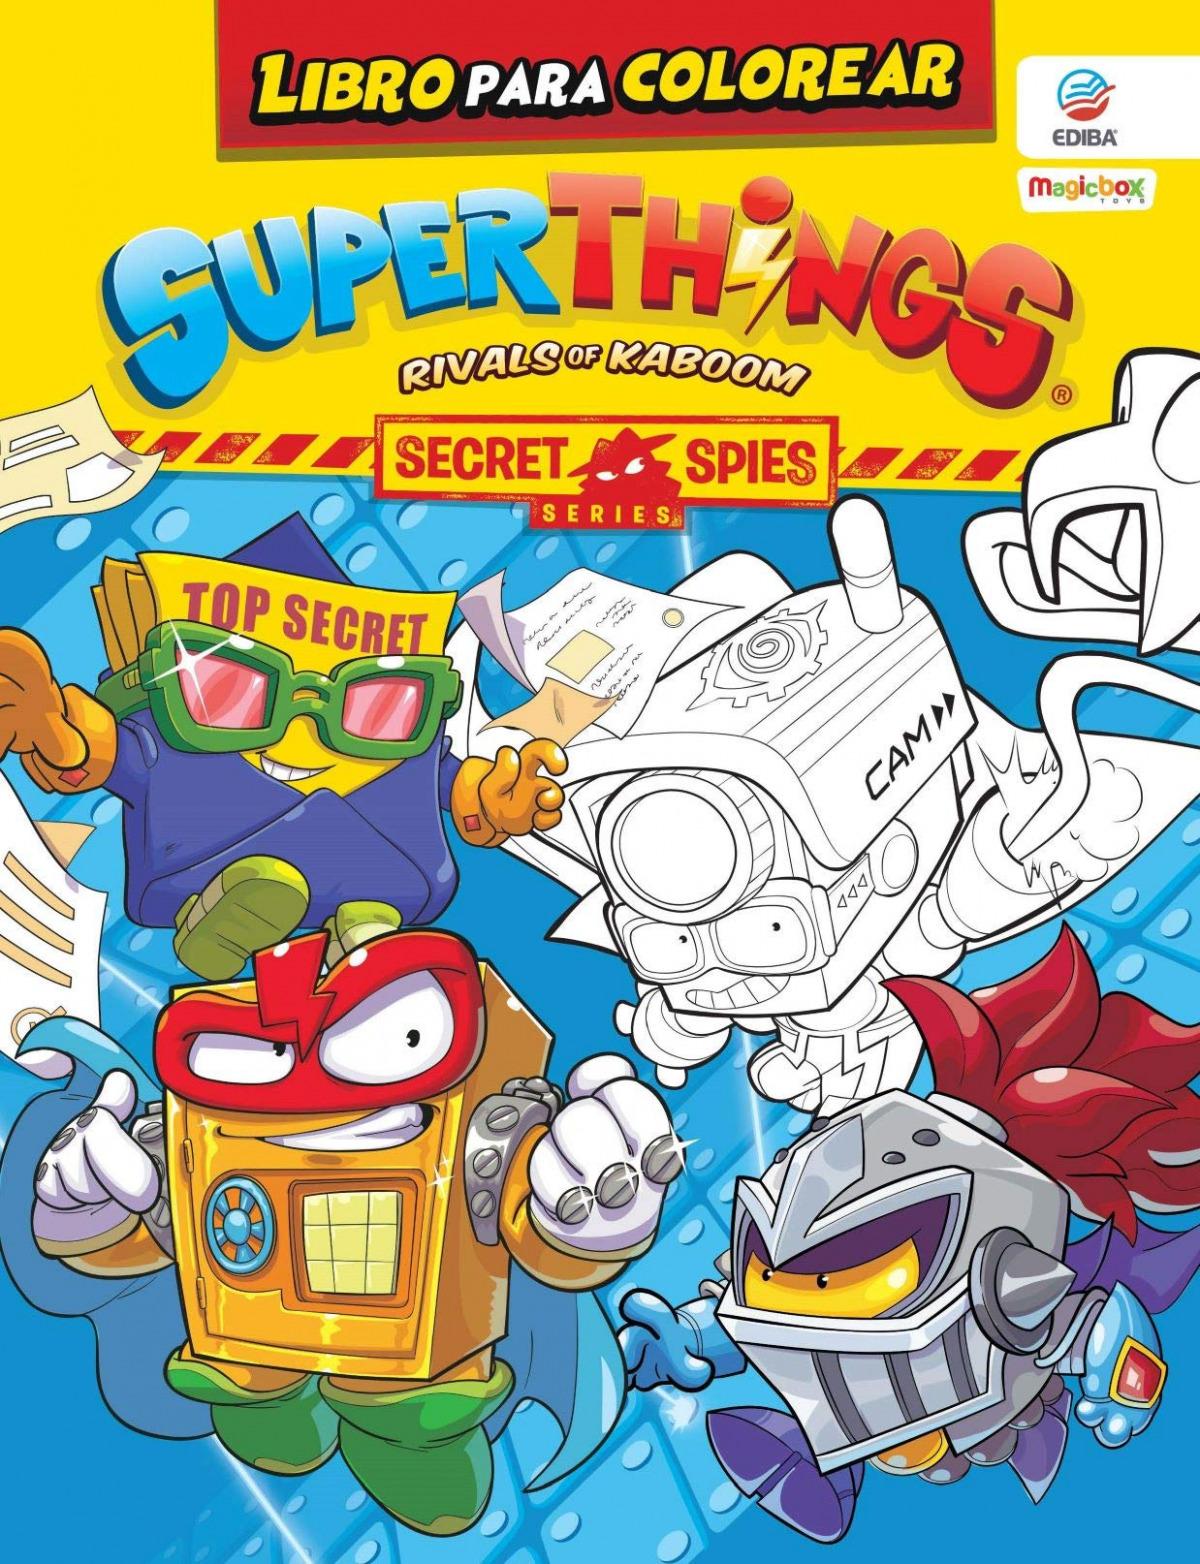 Libro para colorear Superthings Secret Spies Series - España